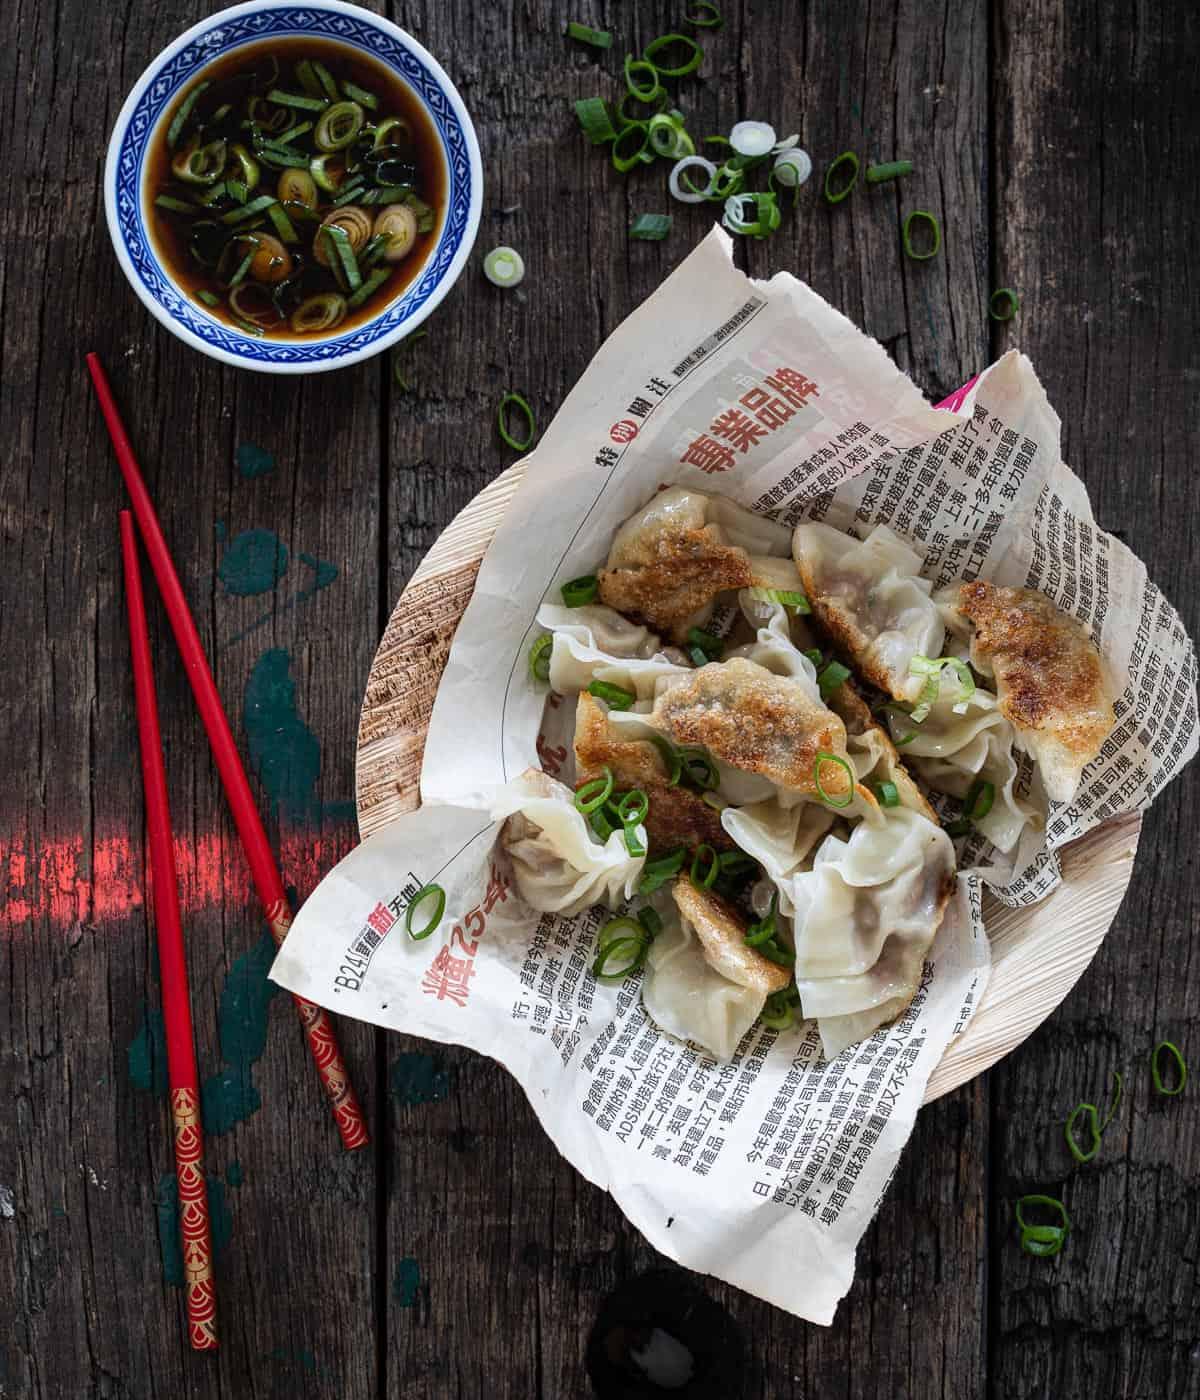 Hoe Maak Je Zelf Dumplings Met Gehakt Miljuschka